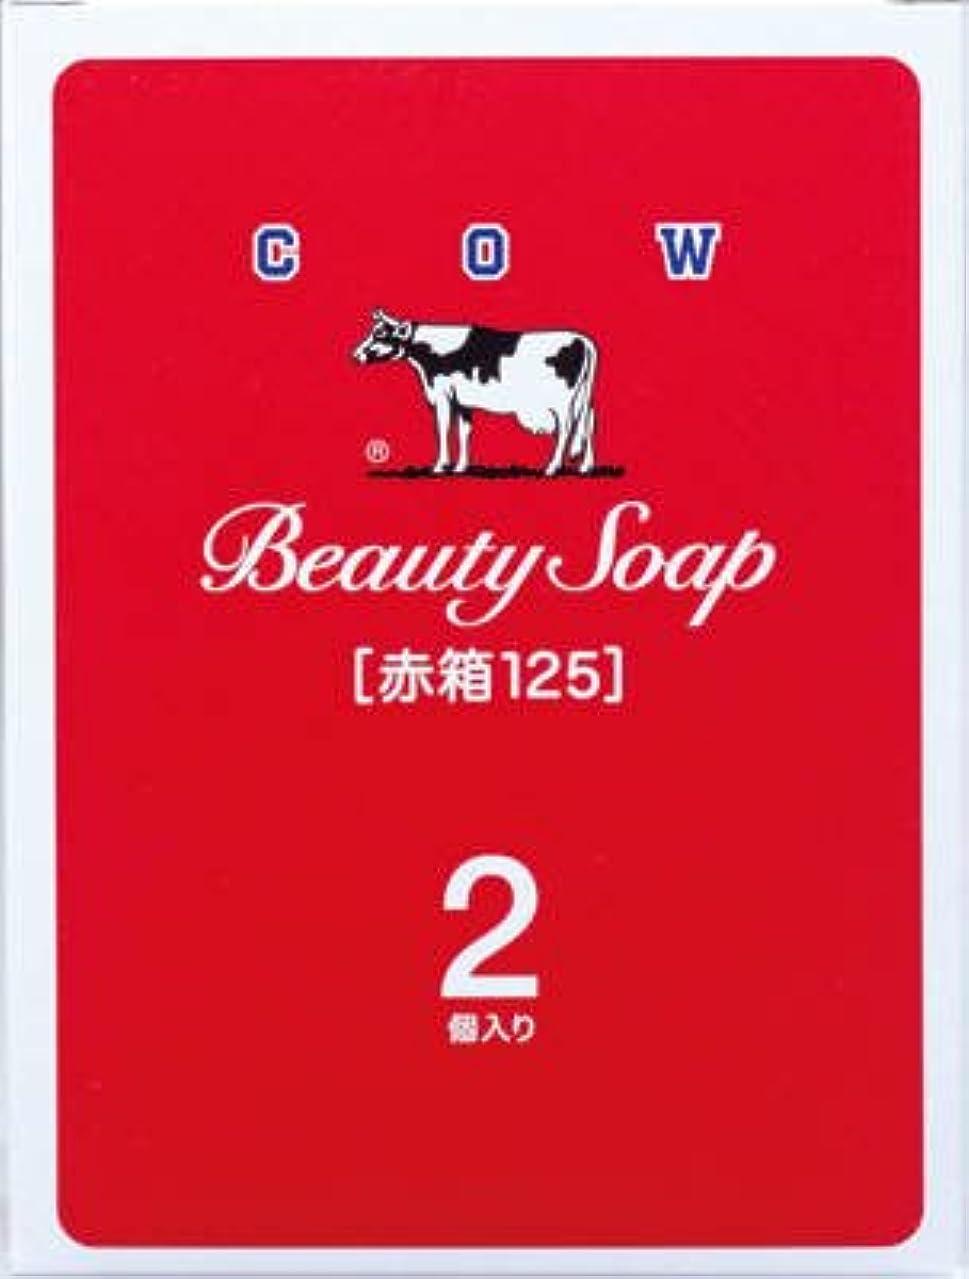 規制ラインナップマルクス主義者牛乳石鹸共進社 カウブランド 赤箱125 2コ入×36点セット (4901525004626)